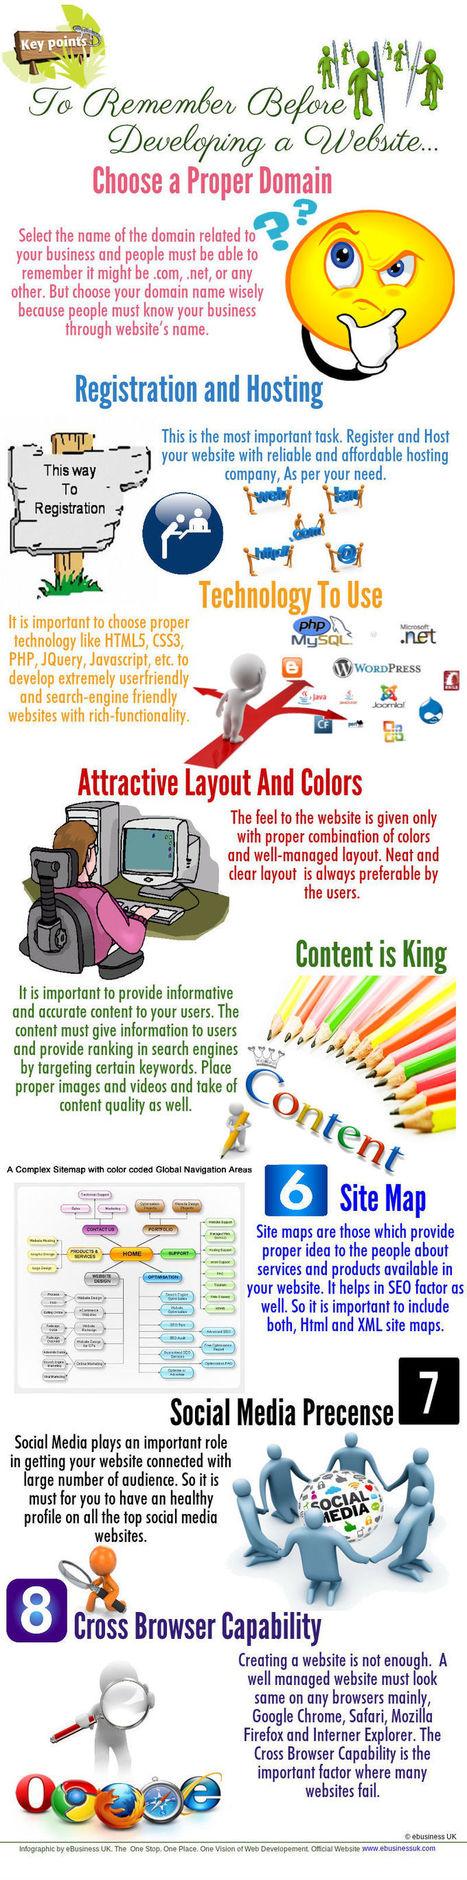 Website Developement Tips | eBusinessUK | Scoop.it